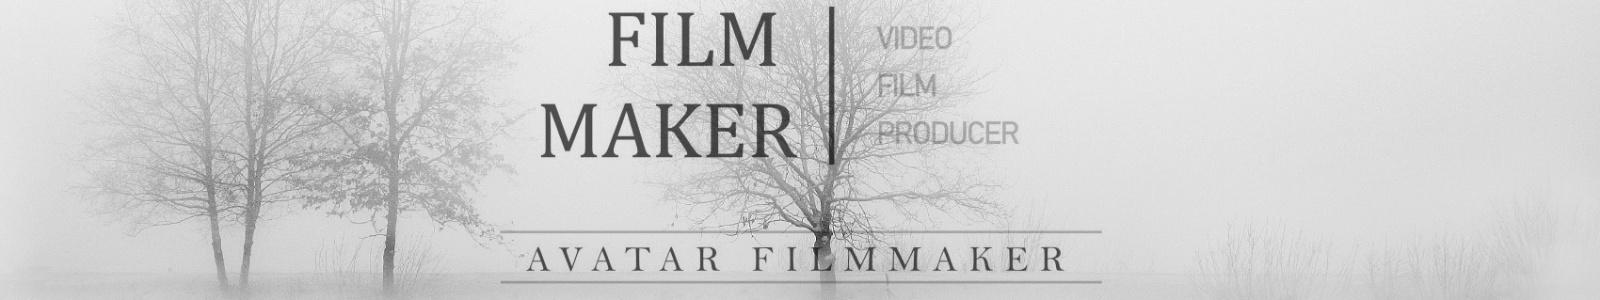 avatar filmmaker 2